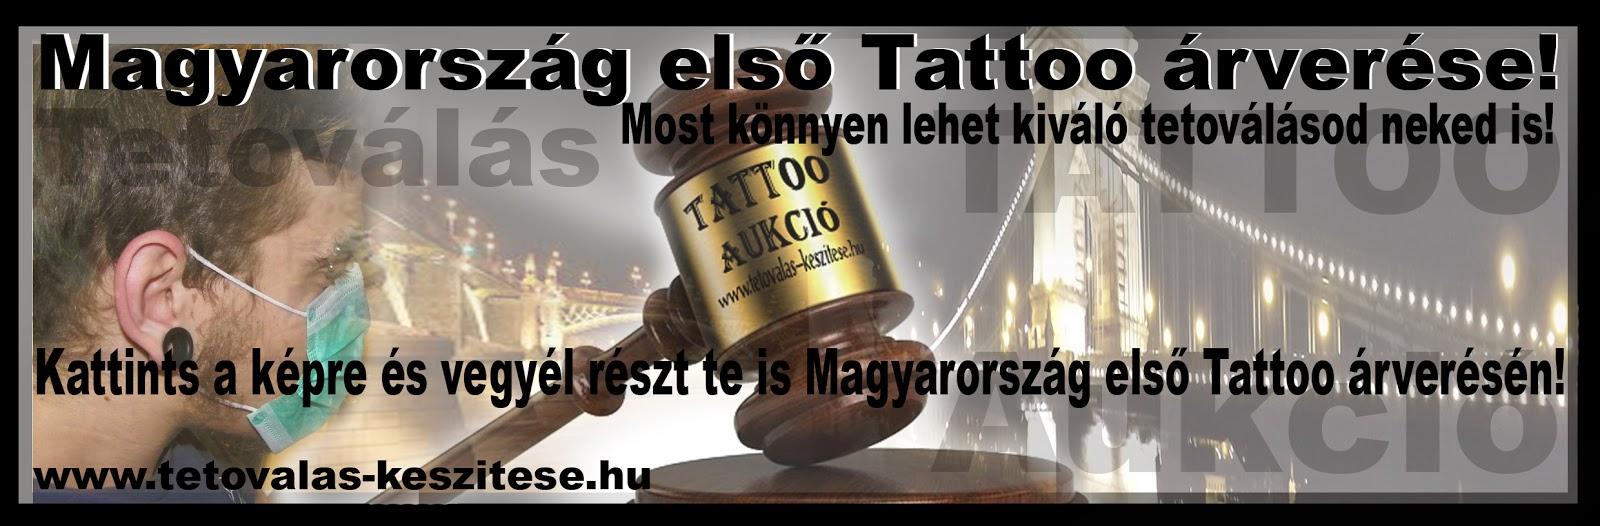 Tetoválás aukció